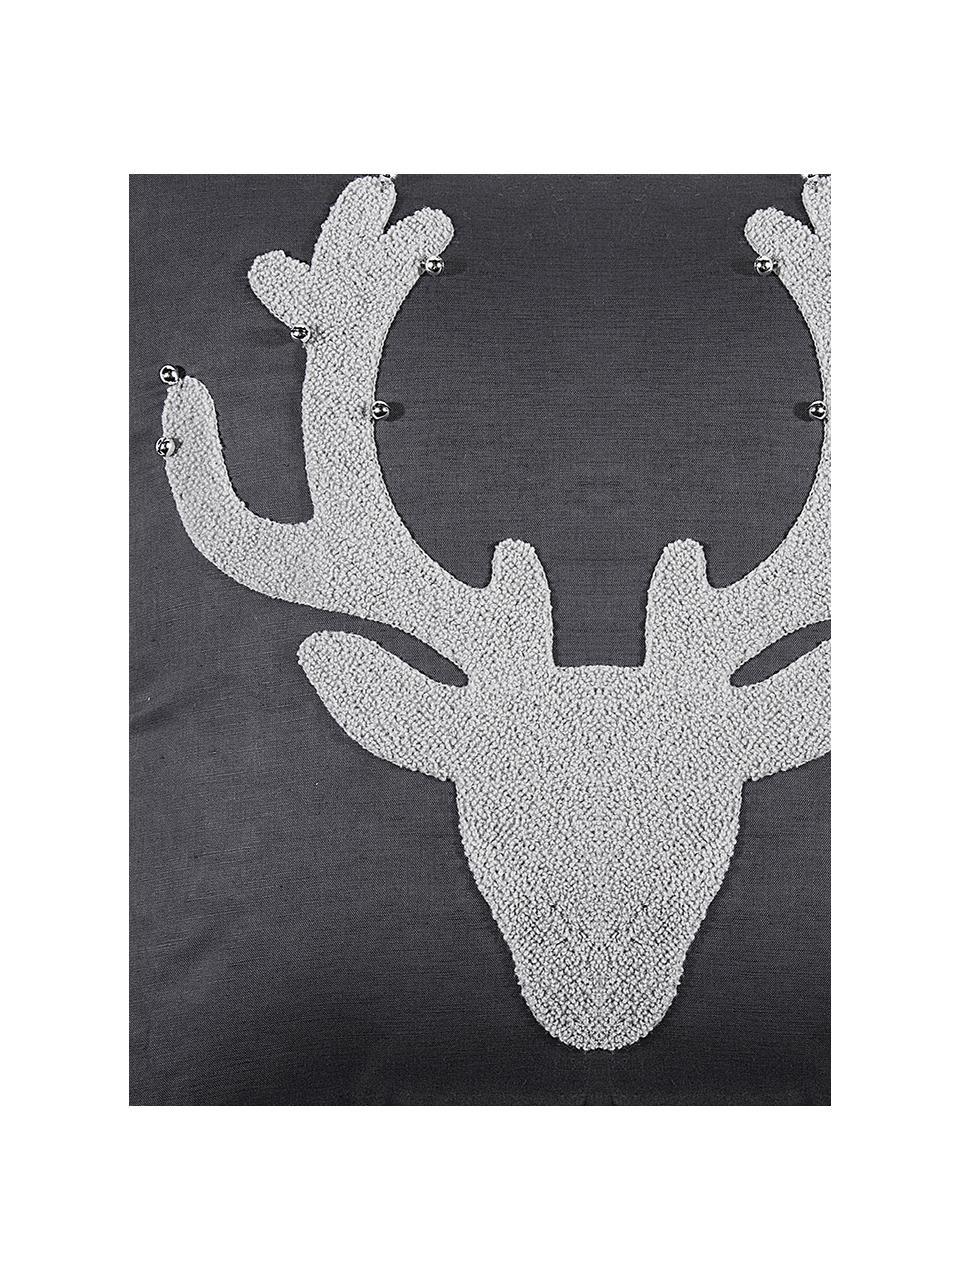 Kissenhülle Bell's mit Hirschmotiv und kleinen Glöckchen, 55% Leinen, 45% Baumwolle, Anthrazit, Hellgrau, 45 x 45 cm